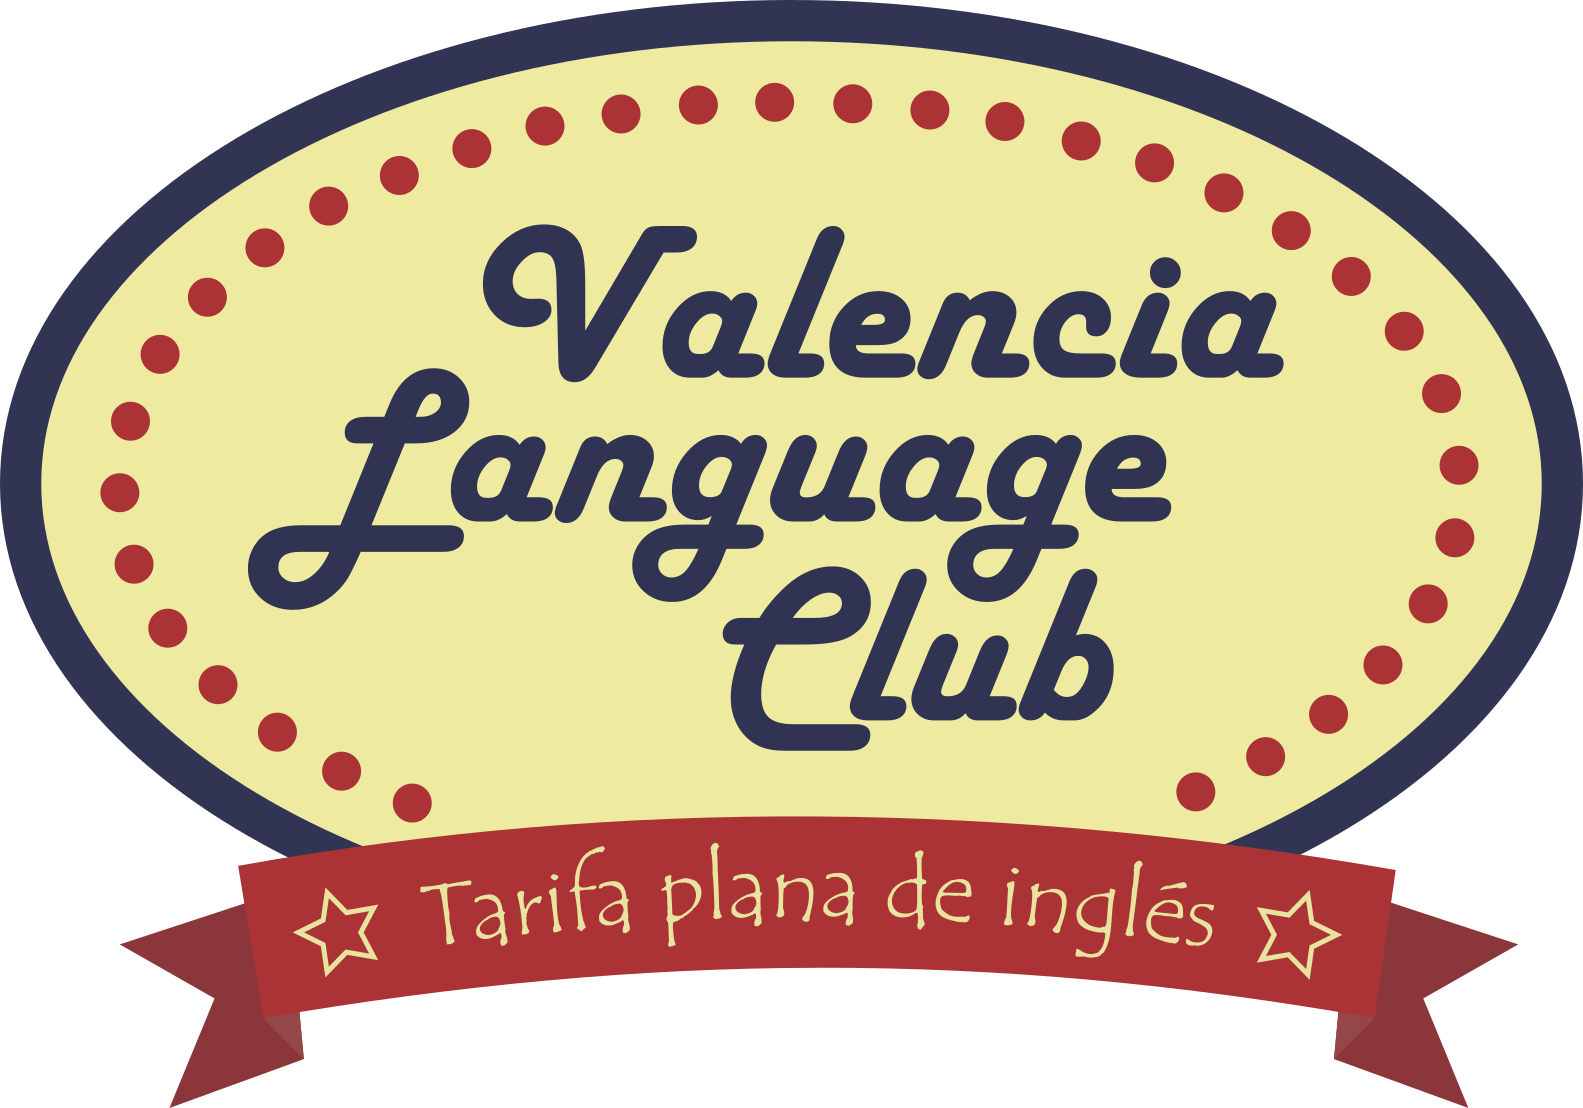 Logo de la franquicia Valencia Language Club